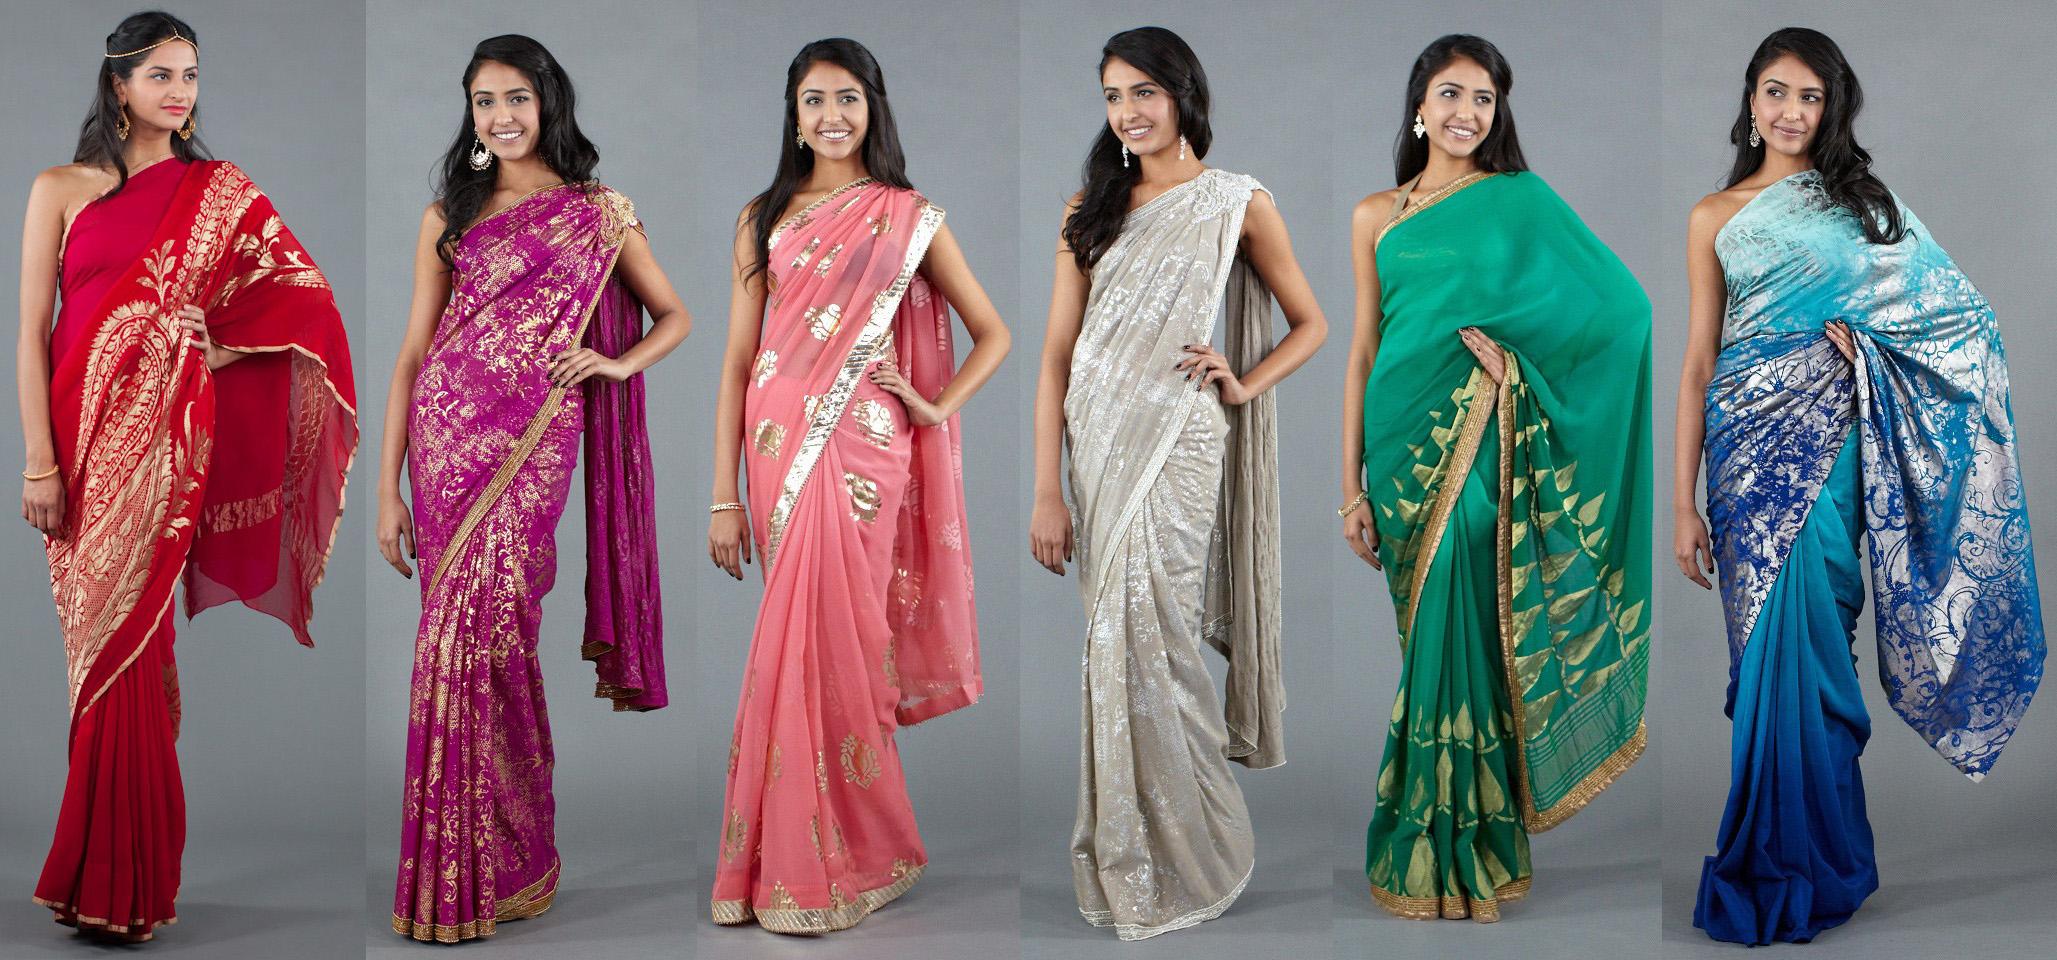 fashion style india